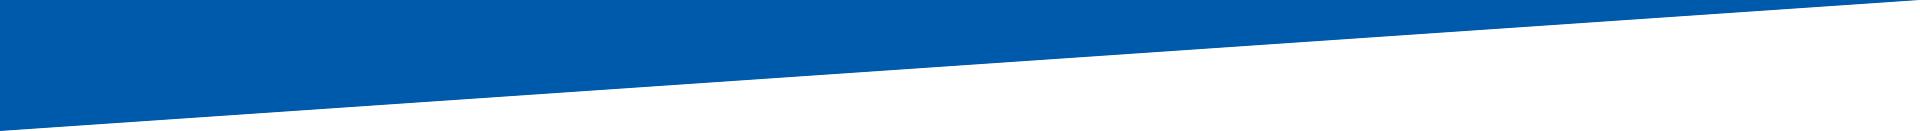 Tập đoàn Thang máy Thiết bị Thăng Long mở rộng cơ cấu tổ chức